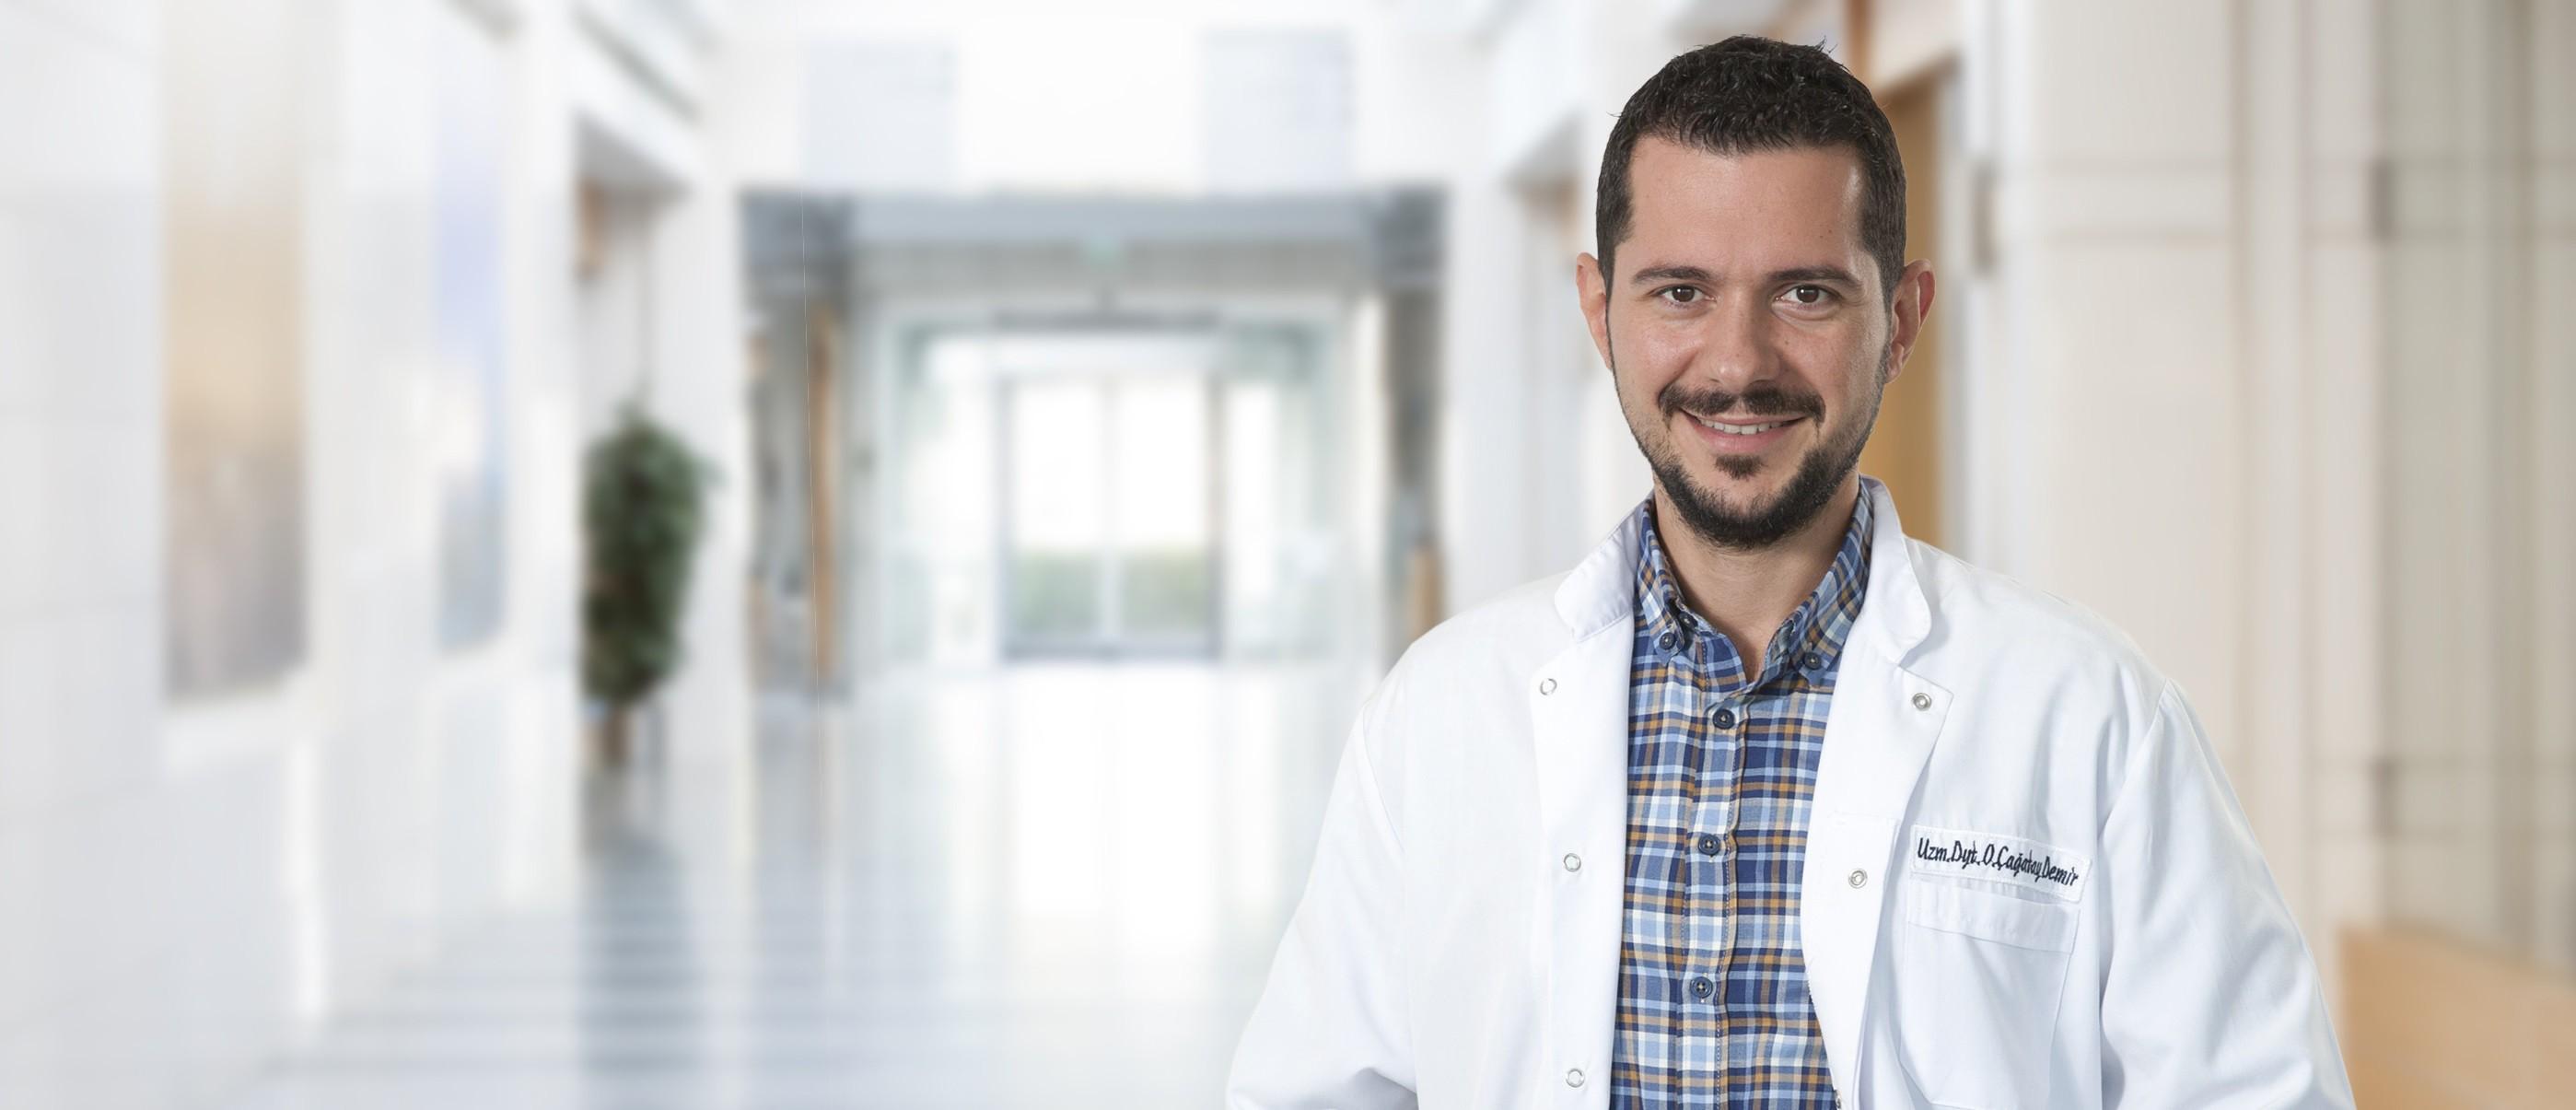 Омер Чаатай Демир — квалифицированная помощь в медицинском центре Anadolu